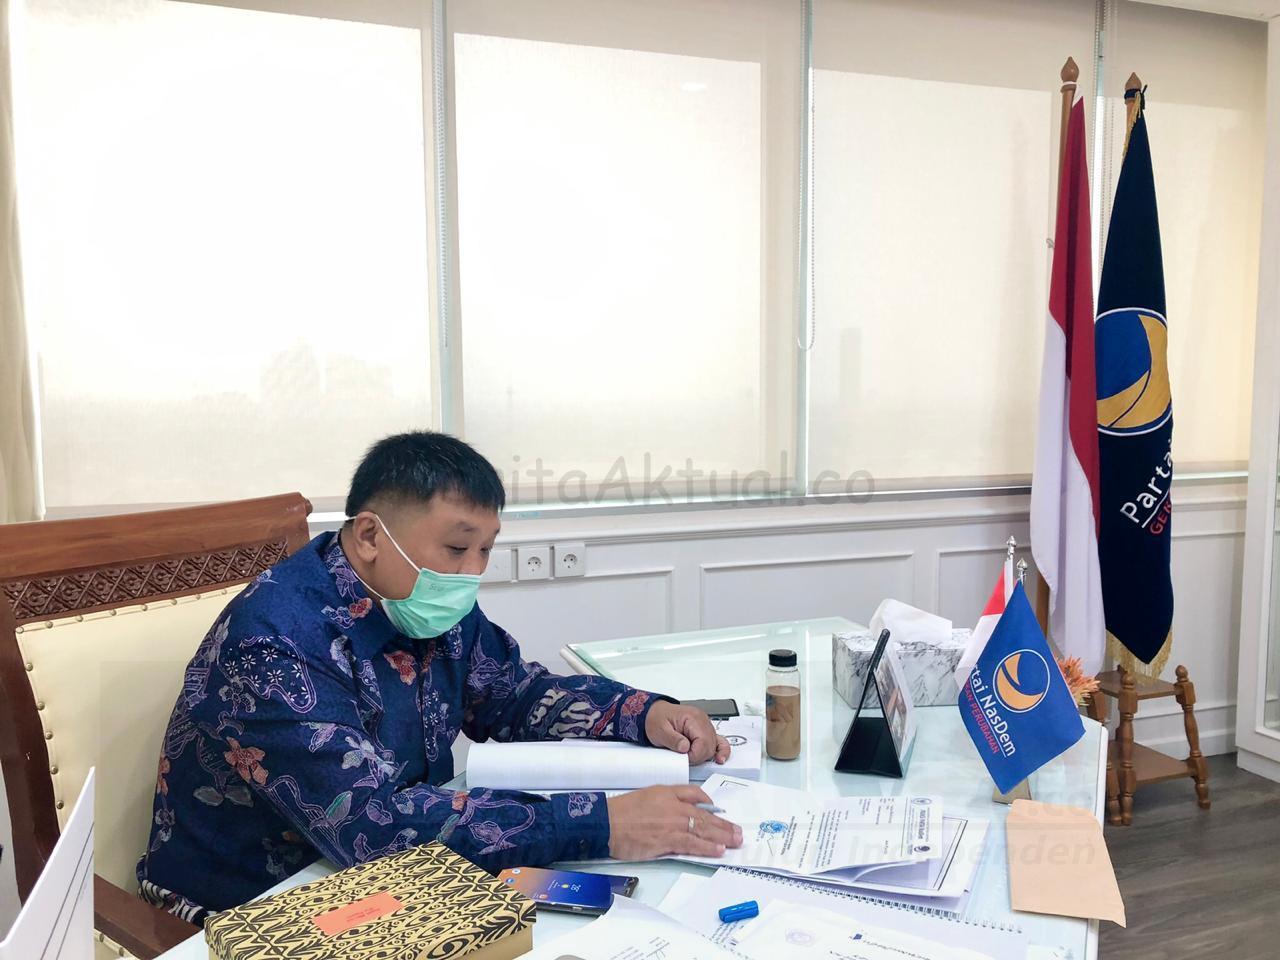 Vaksin China Akan Diproduksi di Indonesia, Rico Sia: Vaksin Merah Putih Mau Dikemanakan? 4 IMG 20201103 WA0044